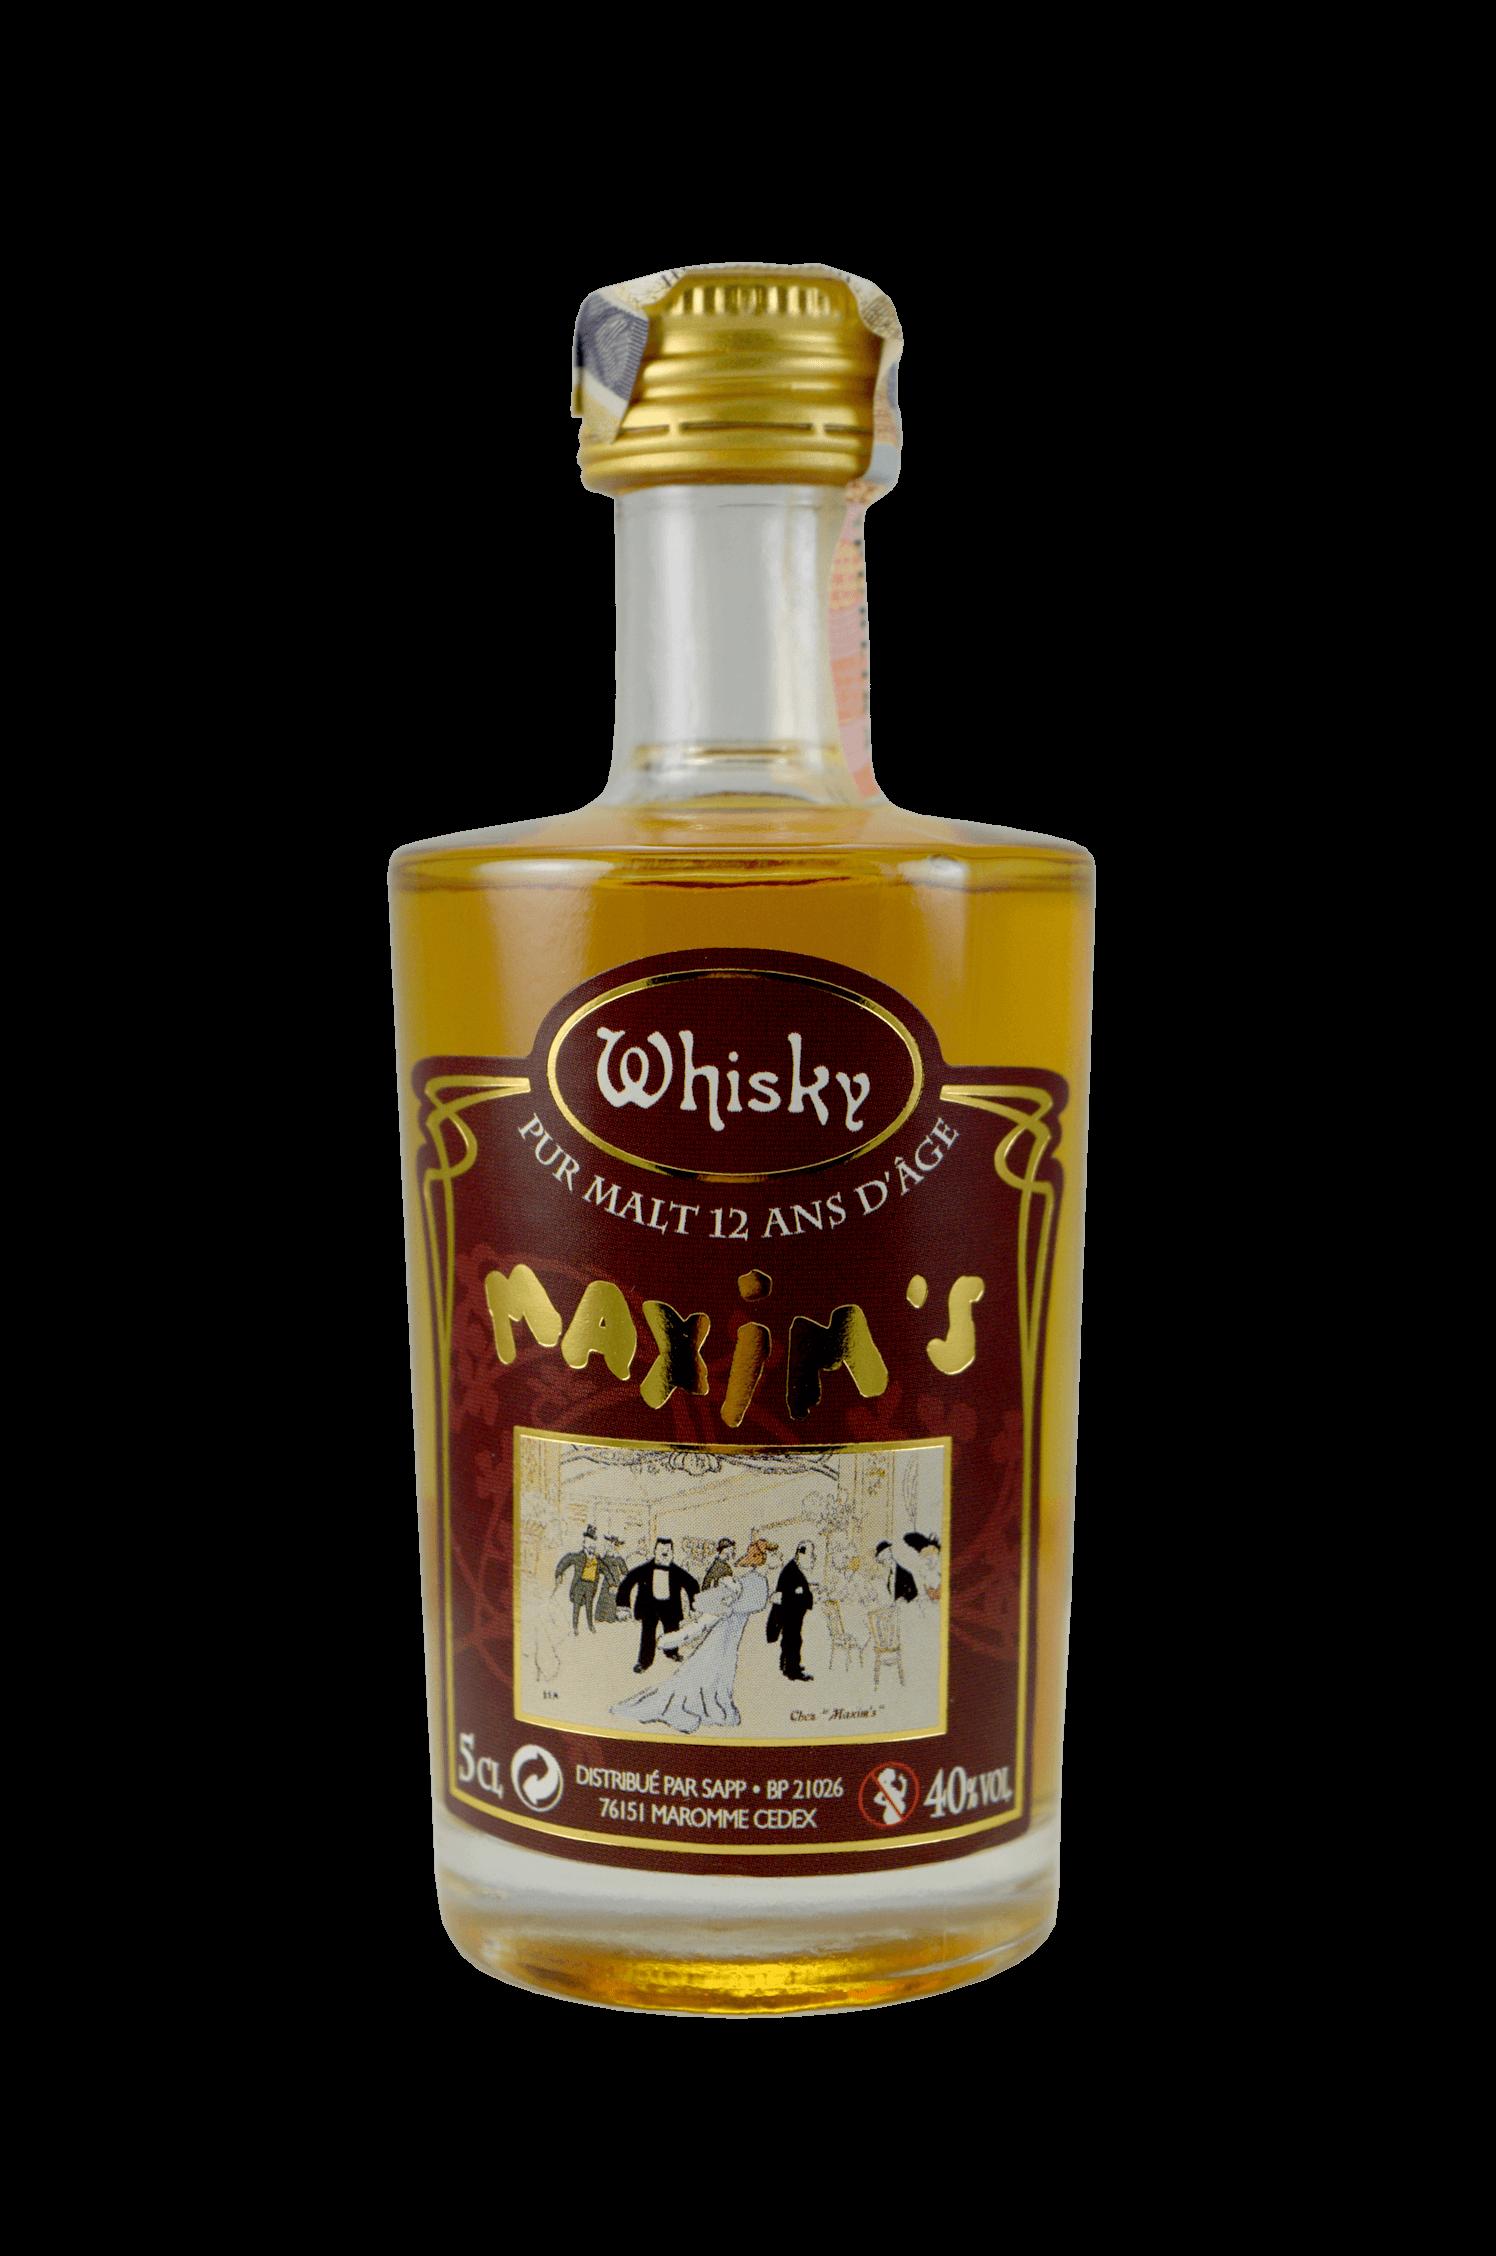 Maxim's Whisky